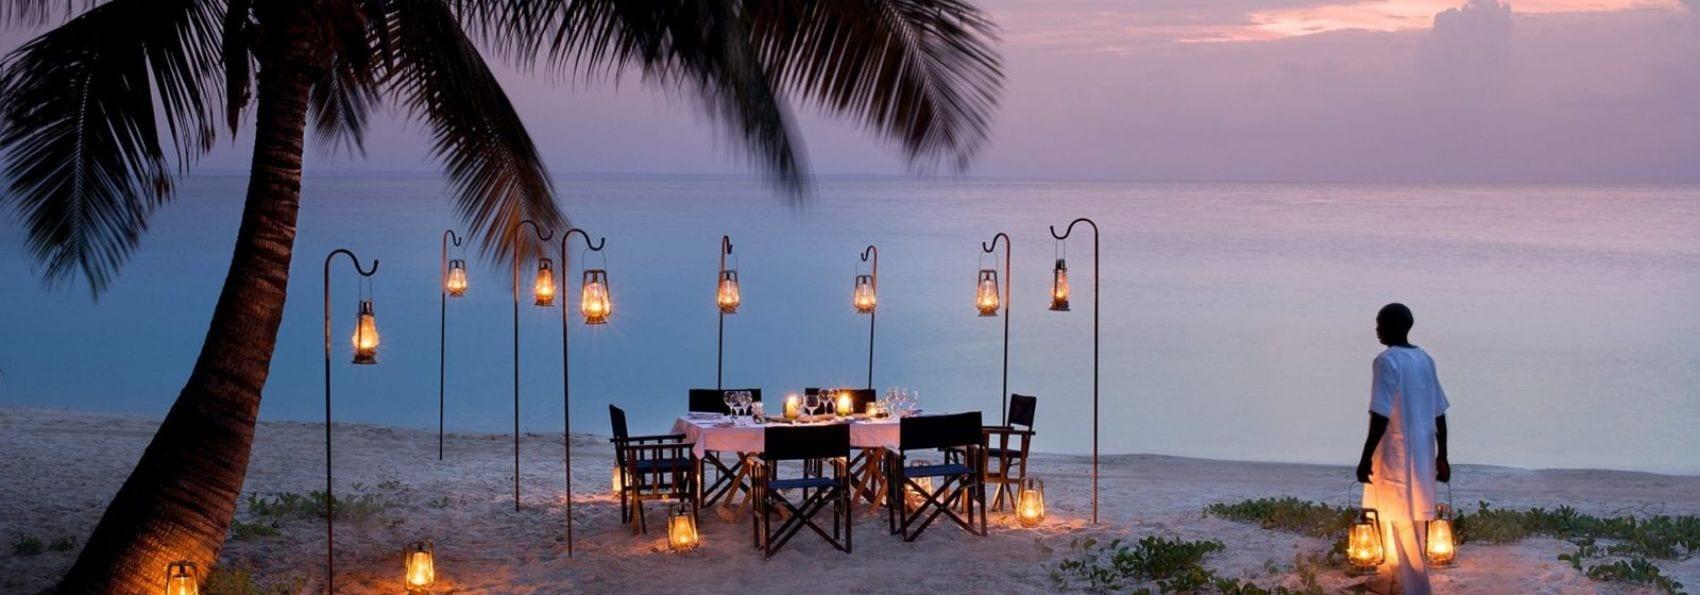 Lunde-de-Miel et romance au Mozambique en Afrique Australe avec South African Travellers, agence de voyages en Afrique